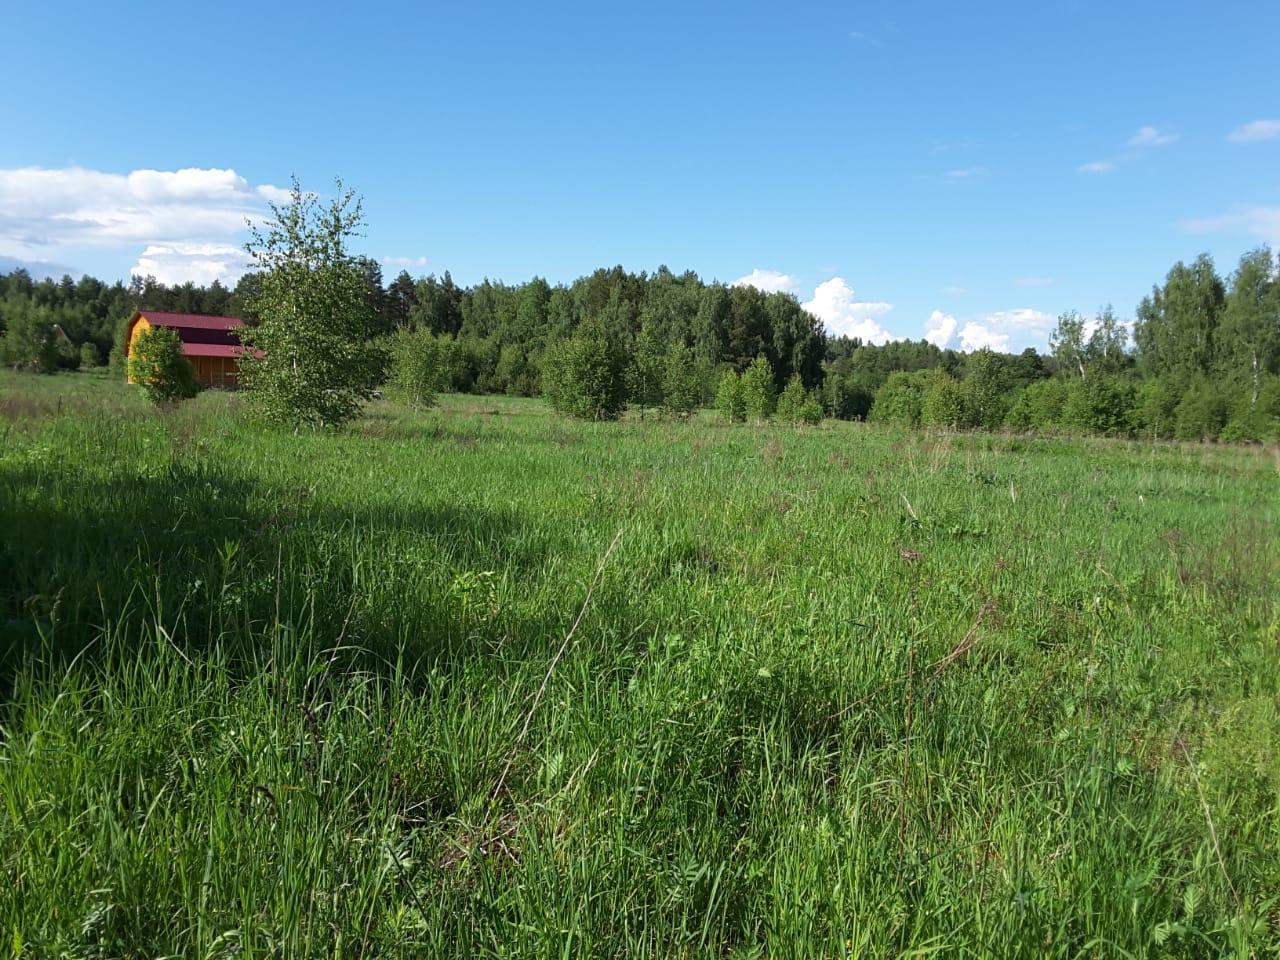 Продается земельный участок в деревне Тимохино ( Багрово),Малоярославецкий район